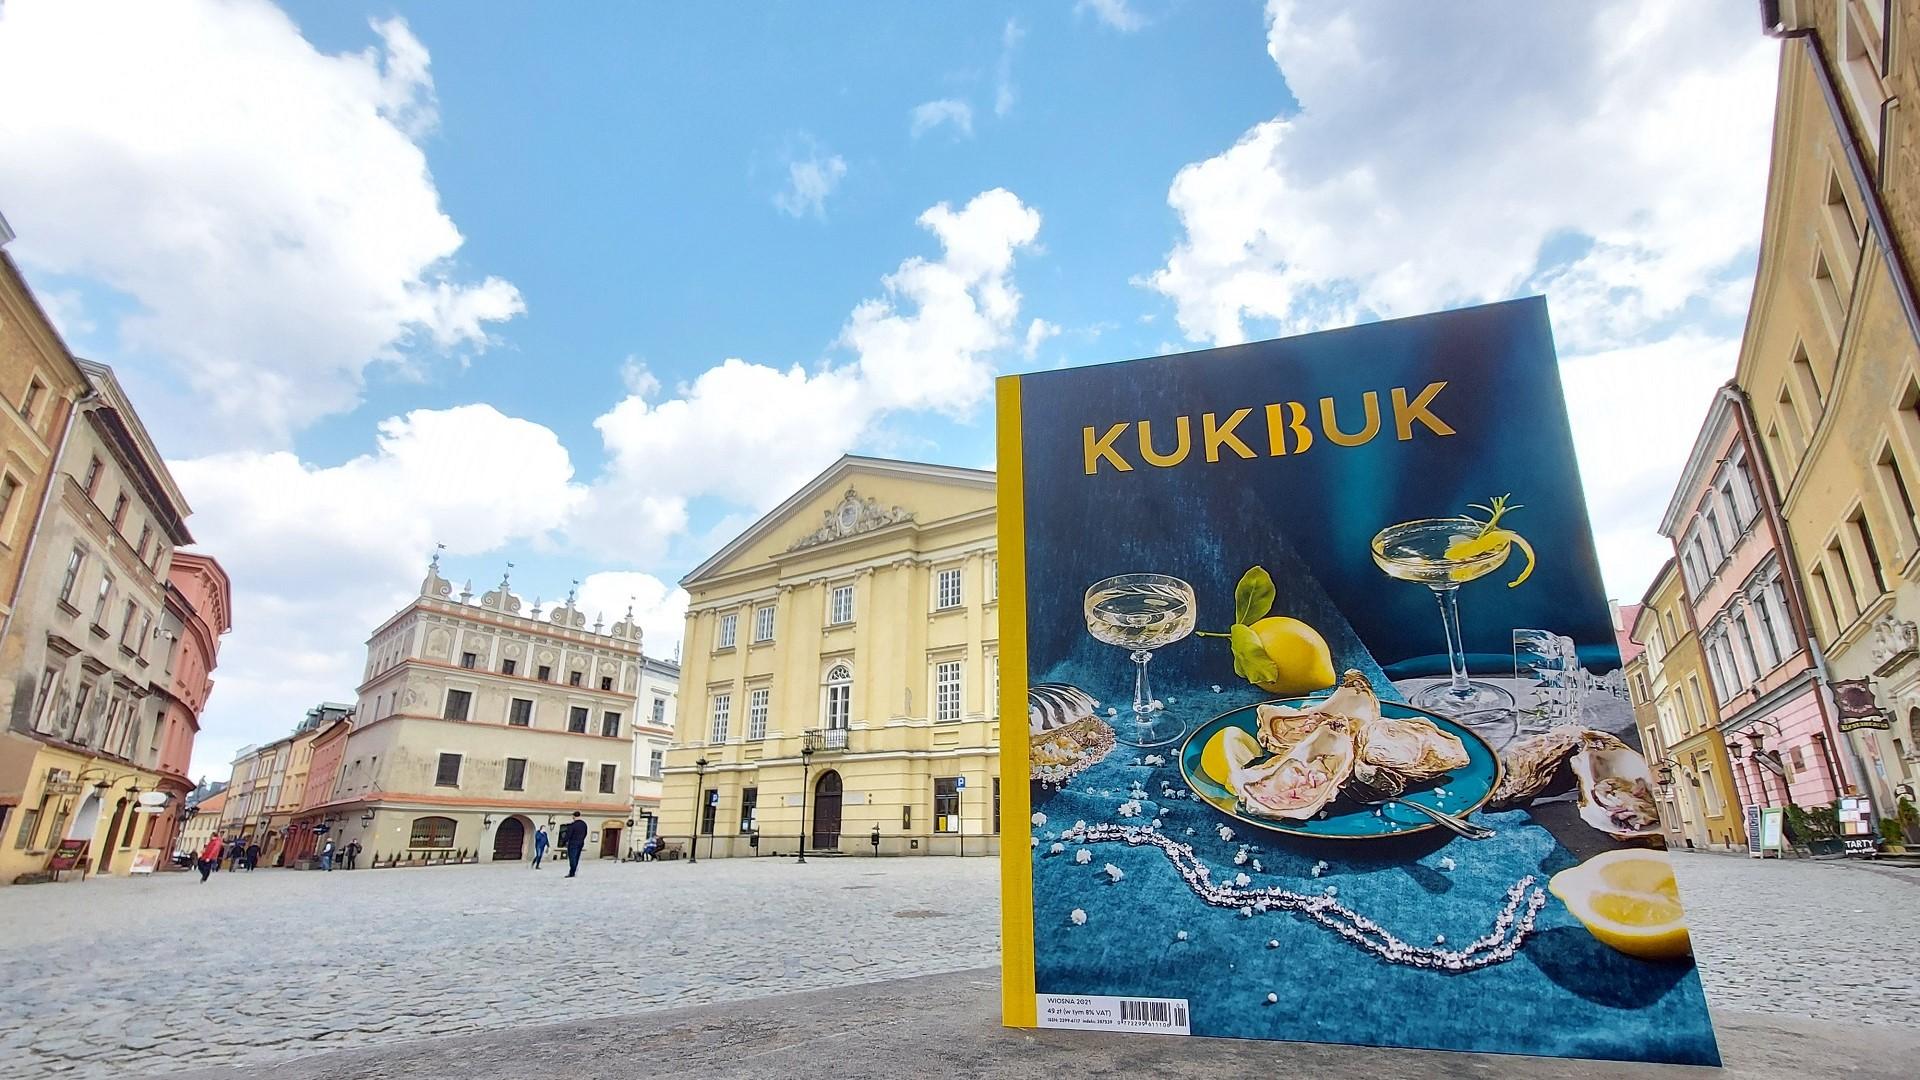 Katalog KUKBUK - Rynek Starego Miasta w Lublinie